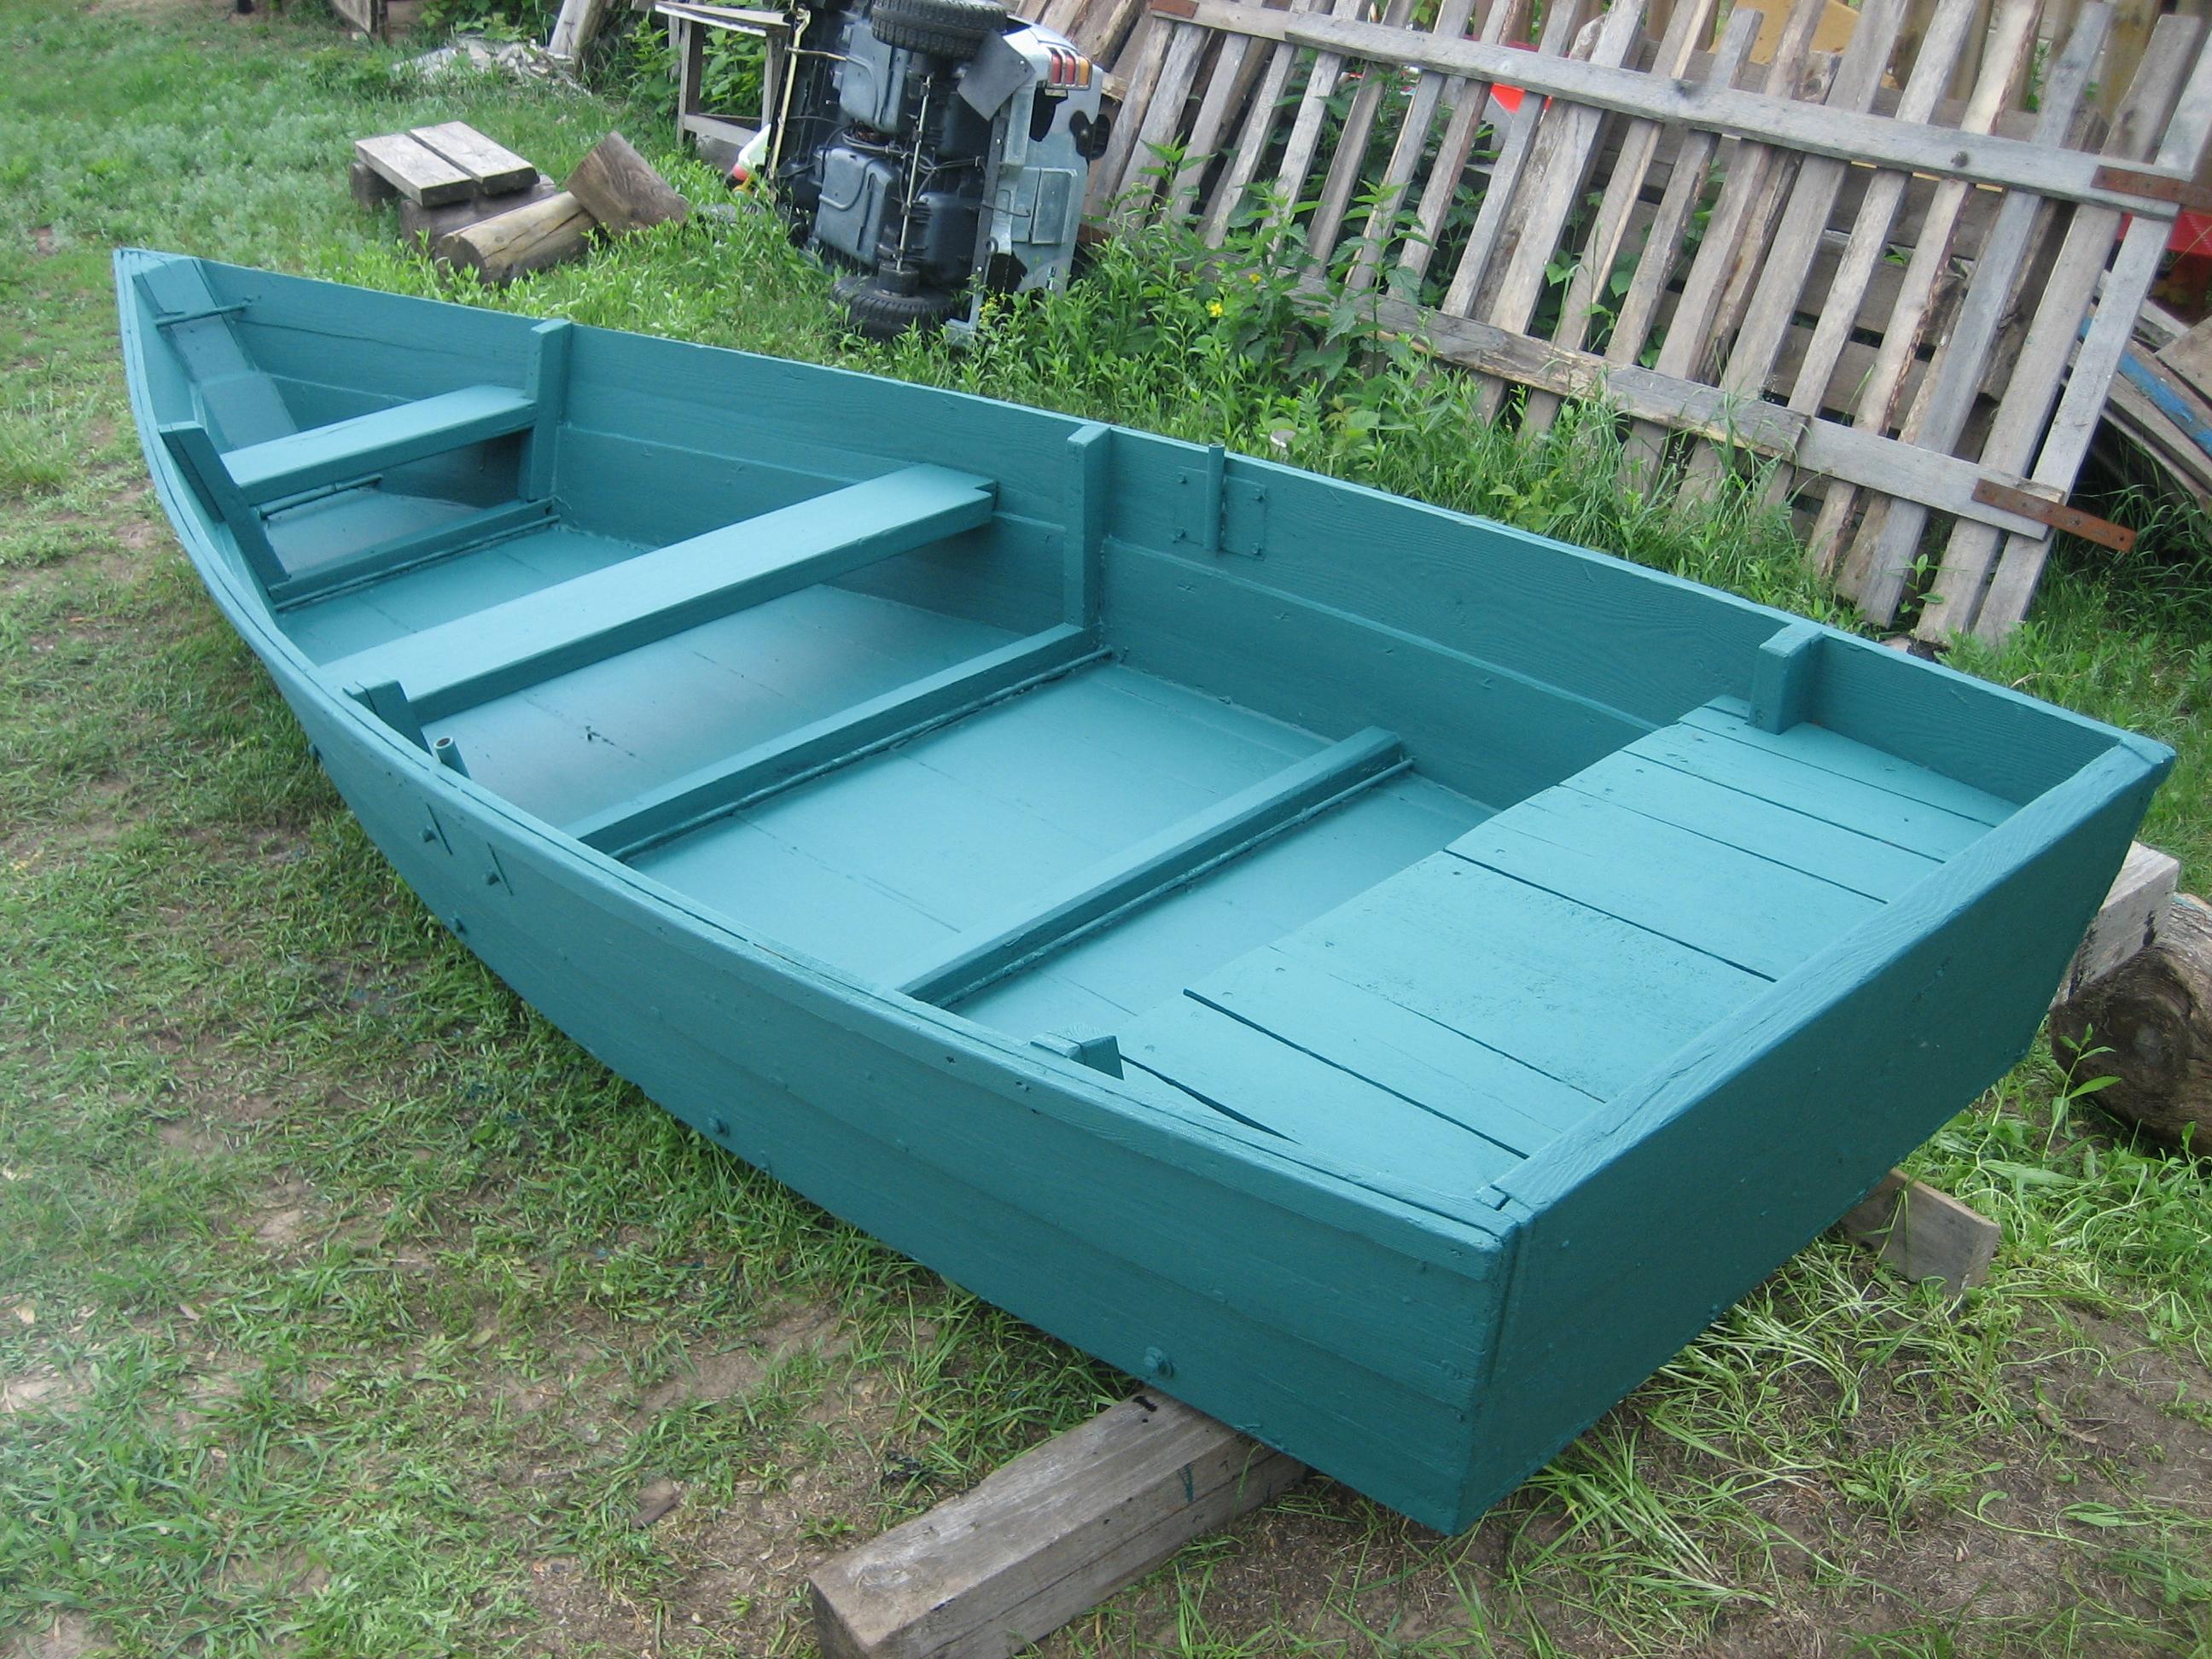 чем покрасить деревянную лодку чтобы не гнила